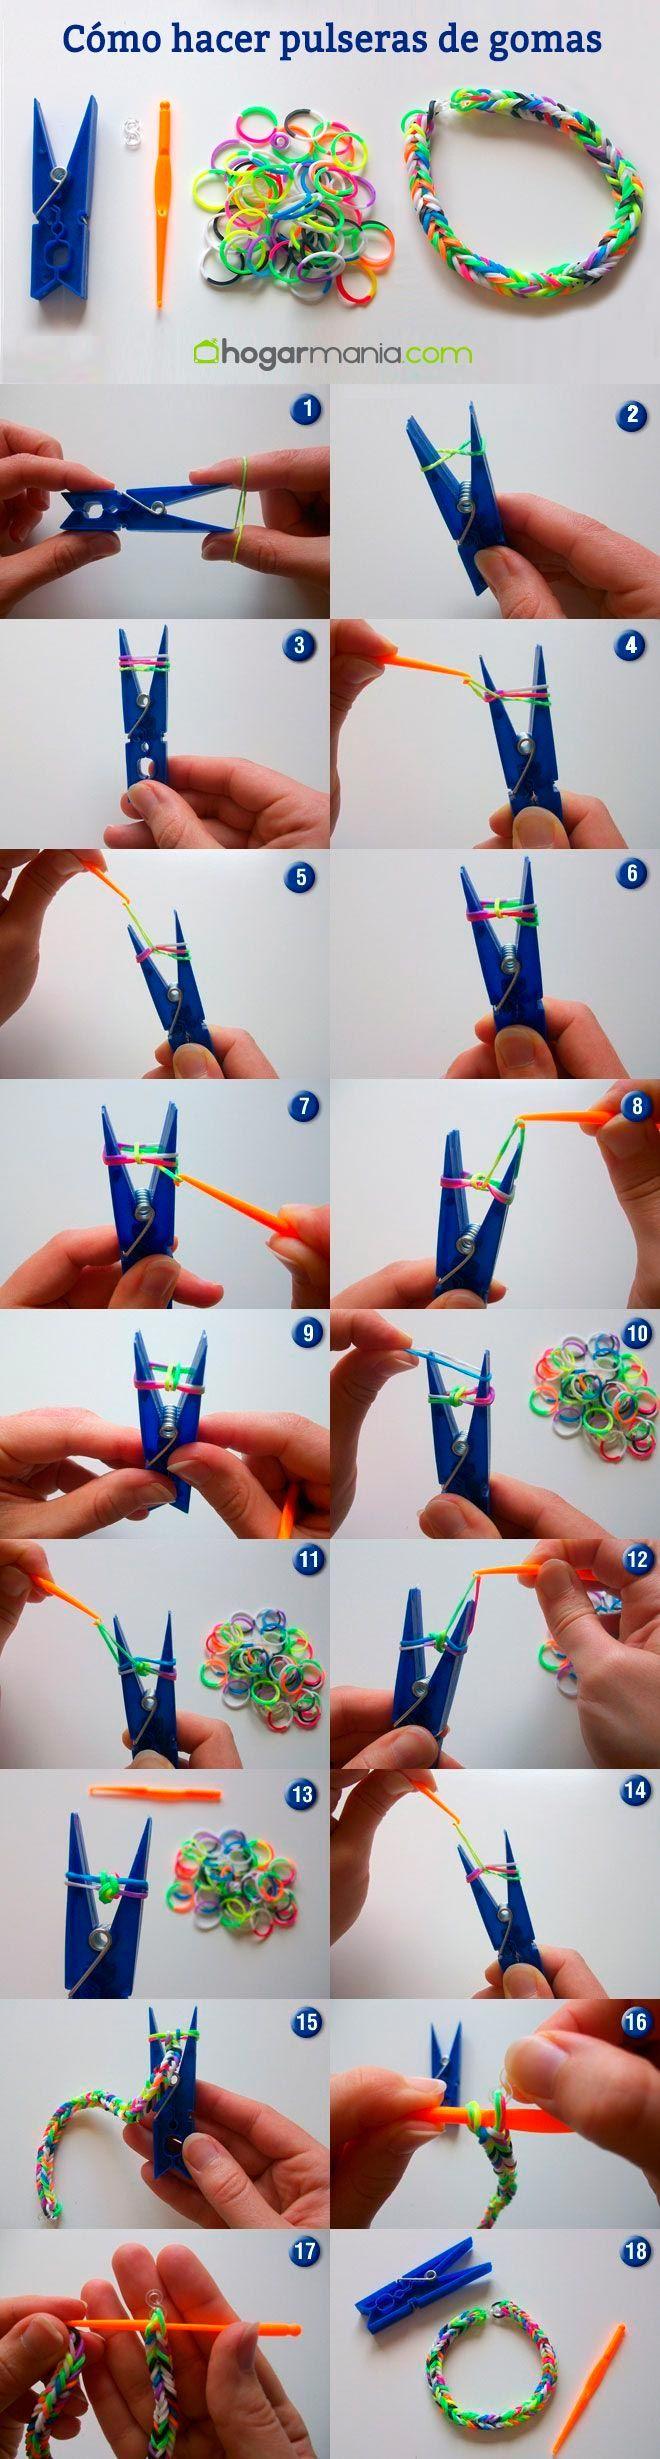 Hacer pulseras de gomas hogarmania - Comment faire les bracelet elastique ...